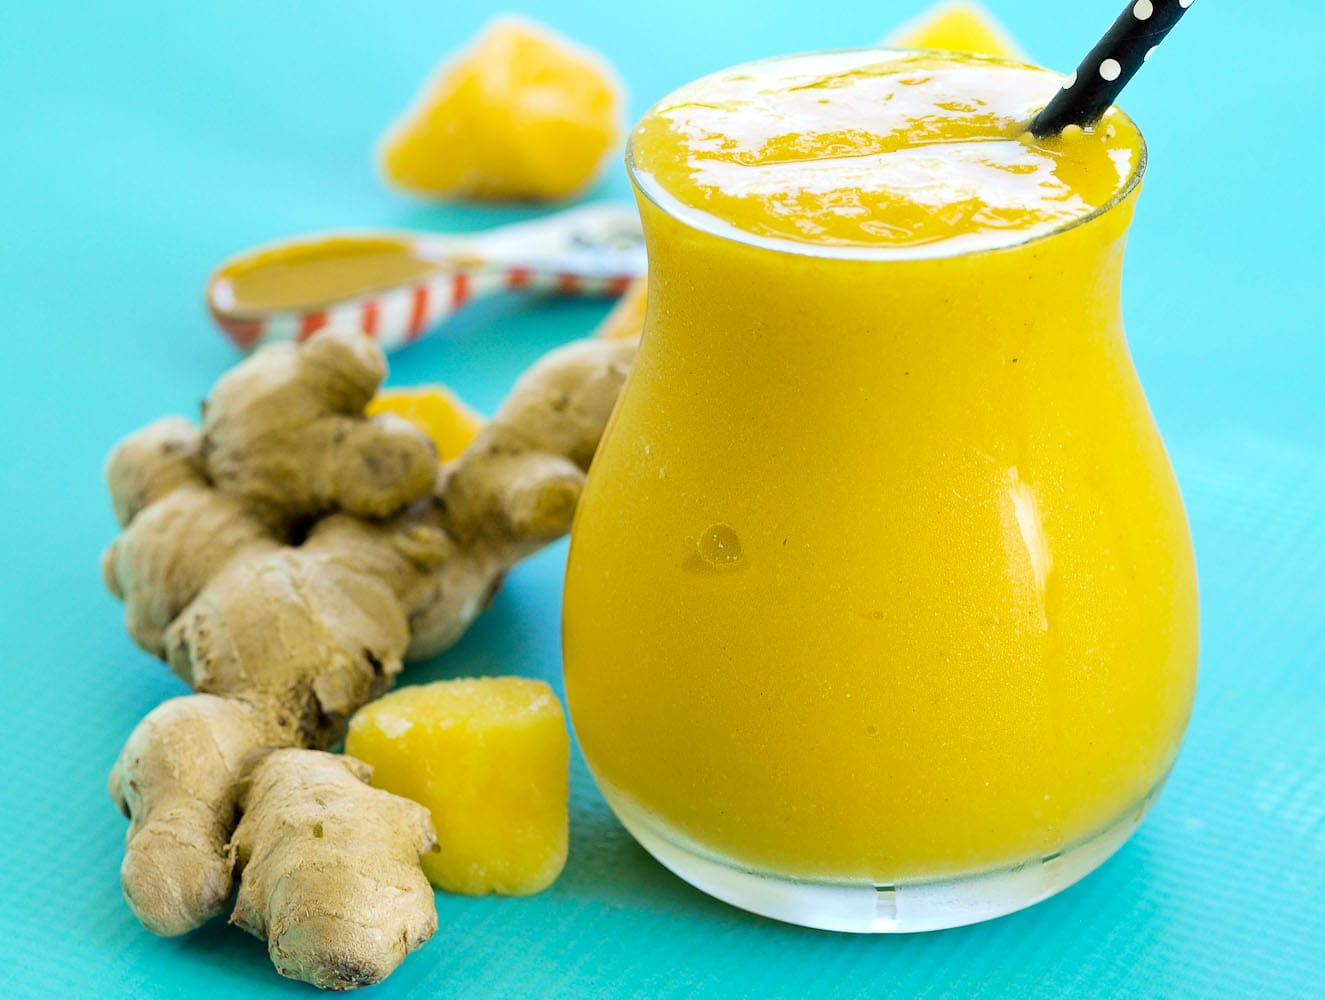 Anti-inflammatory turmeric smoothie recipe